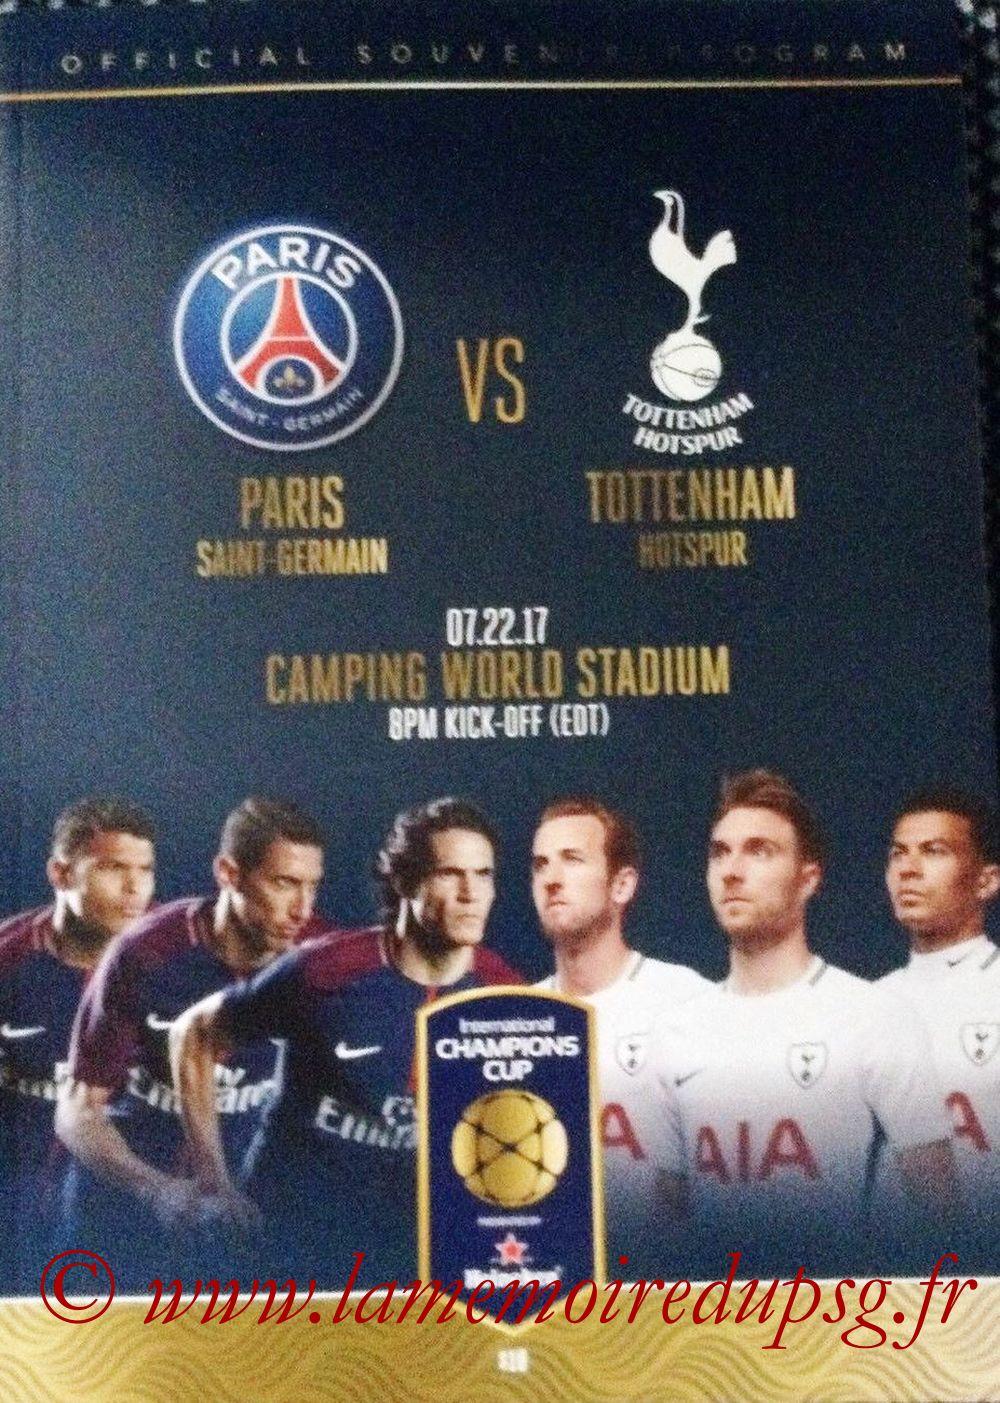 2017-07-22  PSG-Tottenham Hotspur (International Champions Cup, Programme officiel, que je n'ai pas)